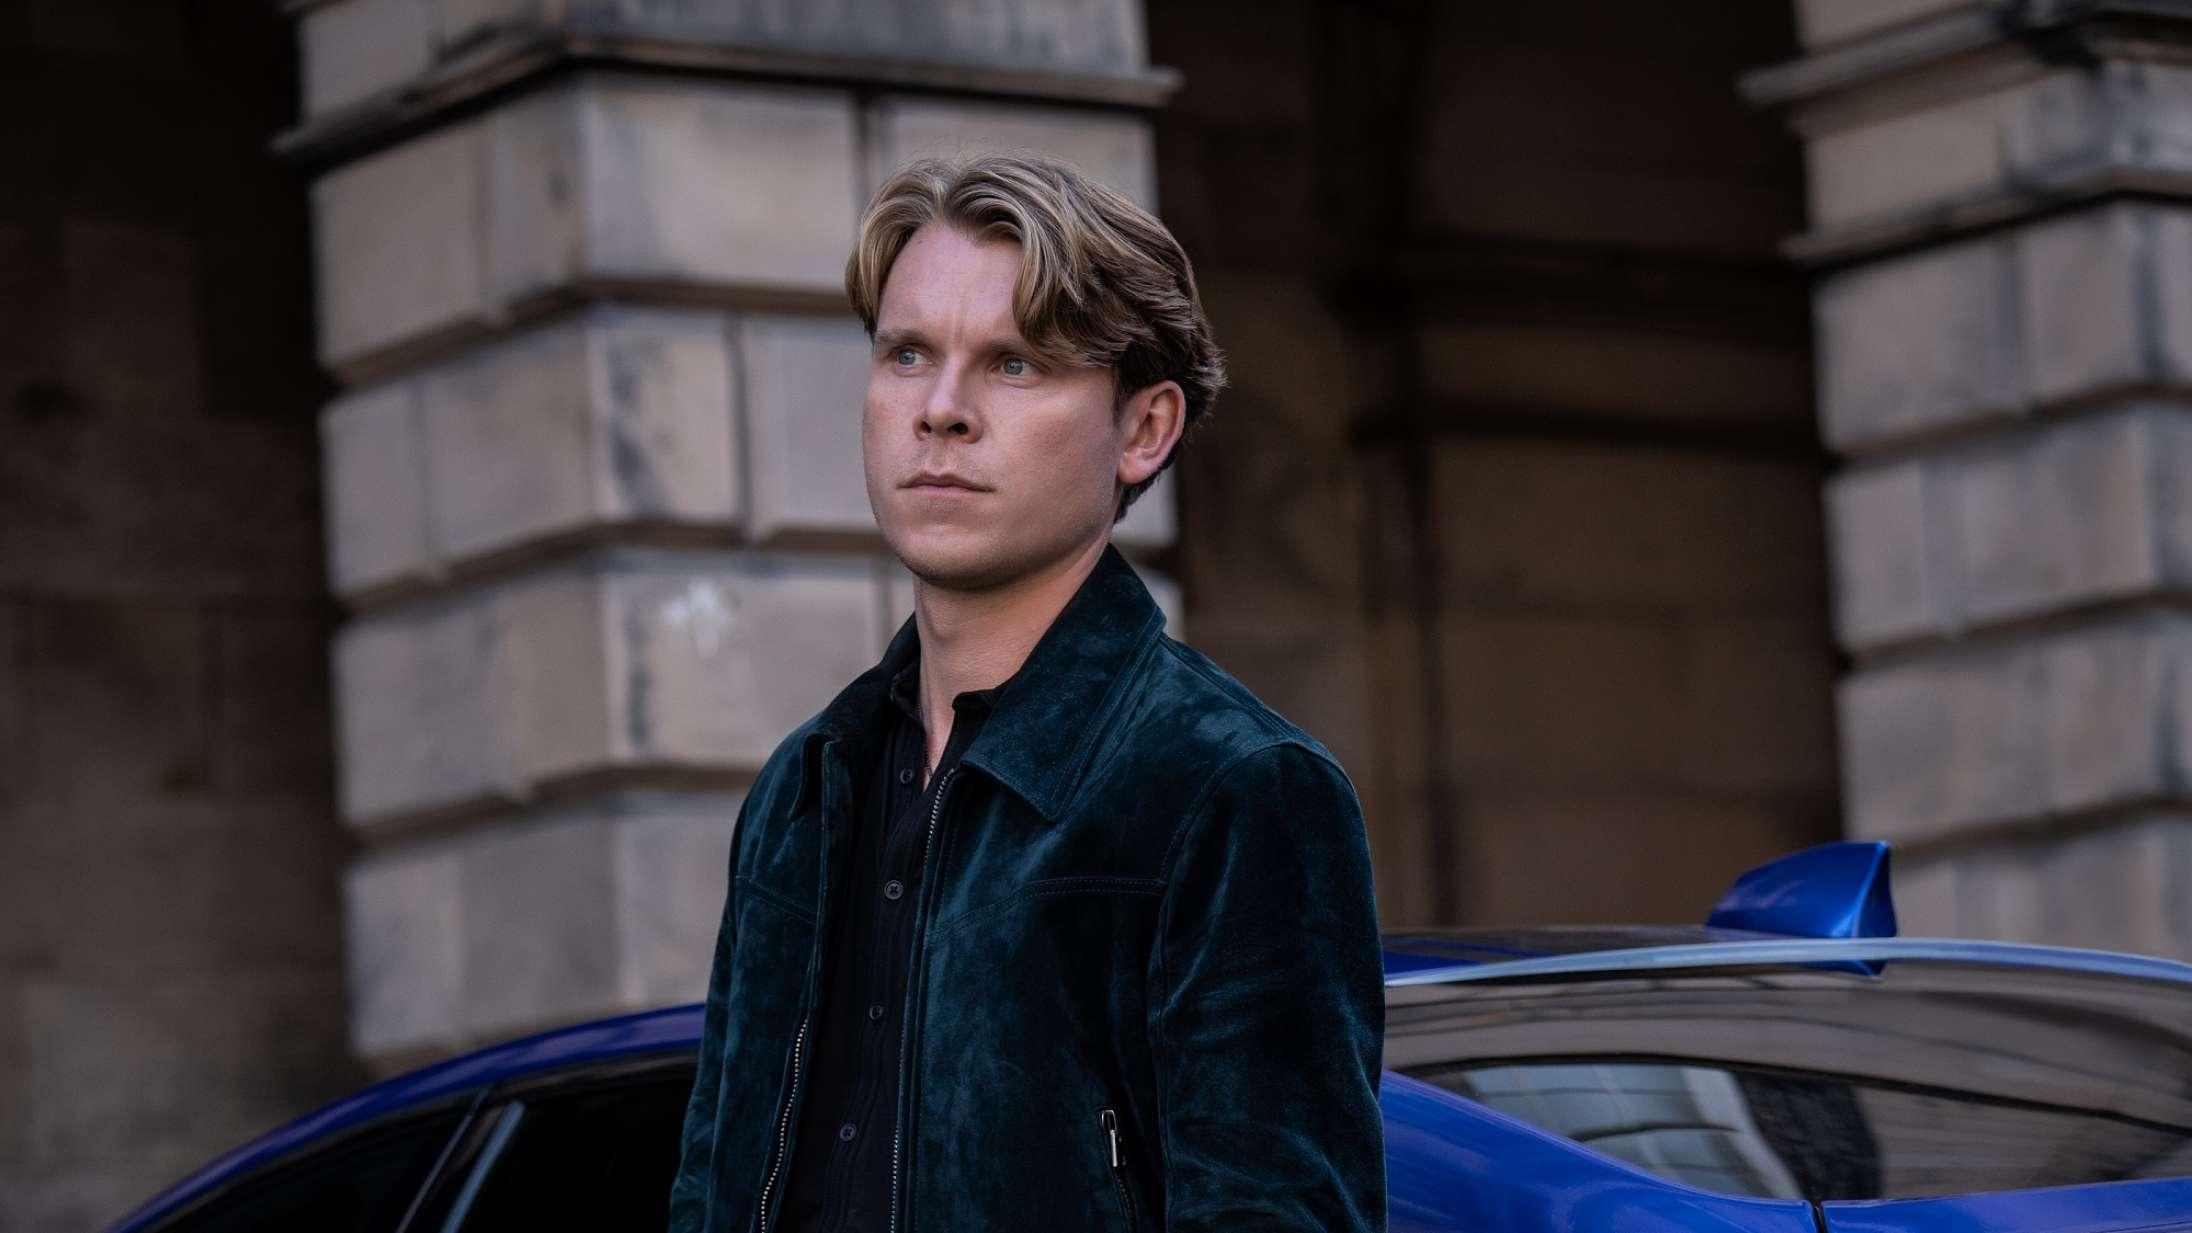 Dansk skuespiller i ny 'Fast & Furious'-film: »Vin Diesel var enormt støttende«